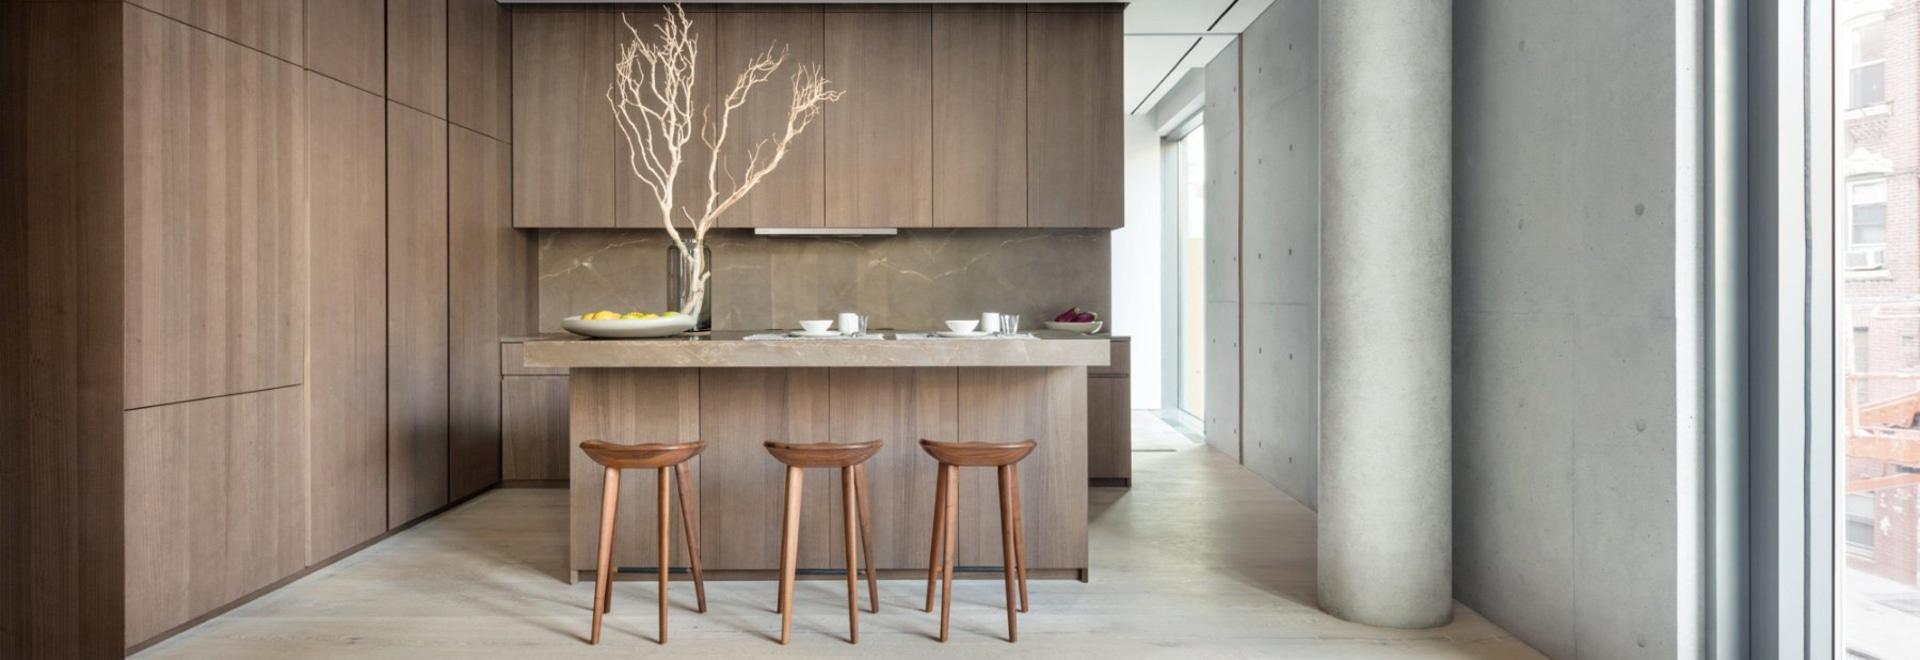 tadao ando achève 152 elizabeth, un immeuble résidentiel de luxe à new york